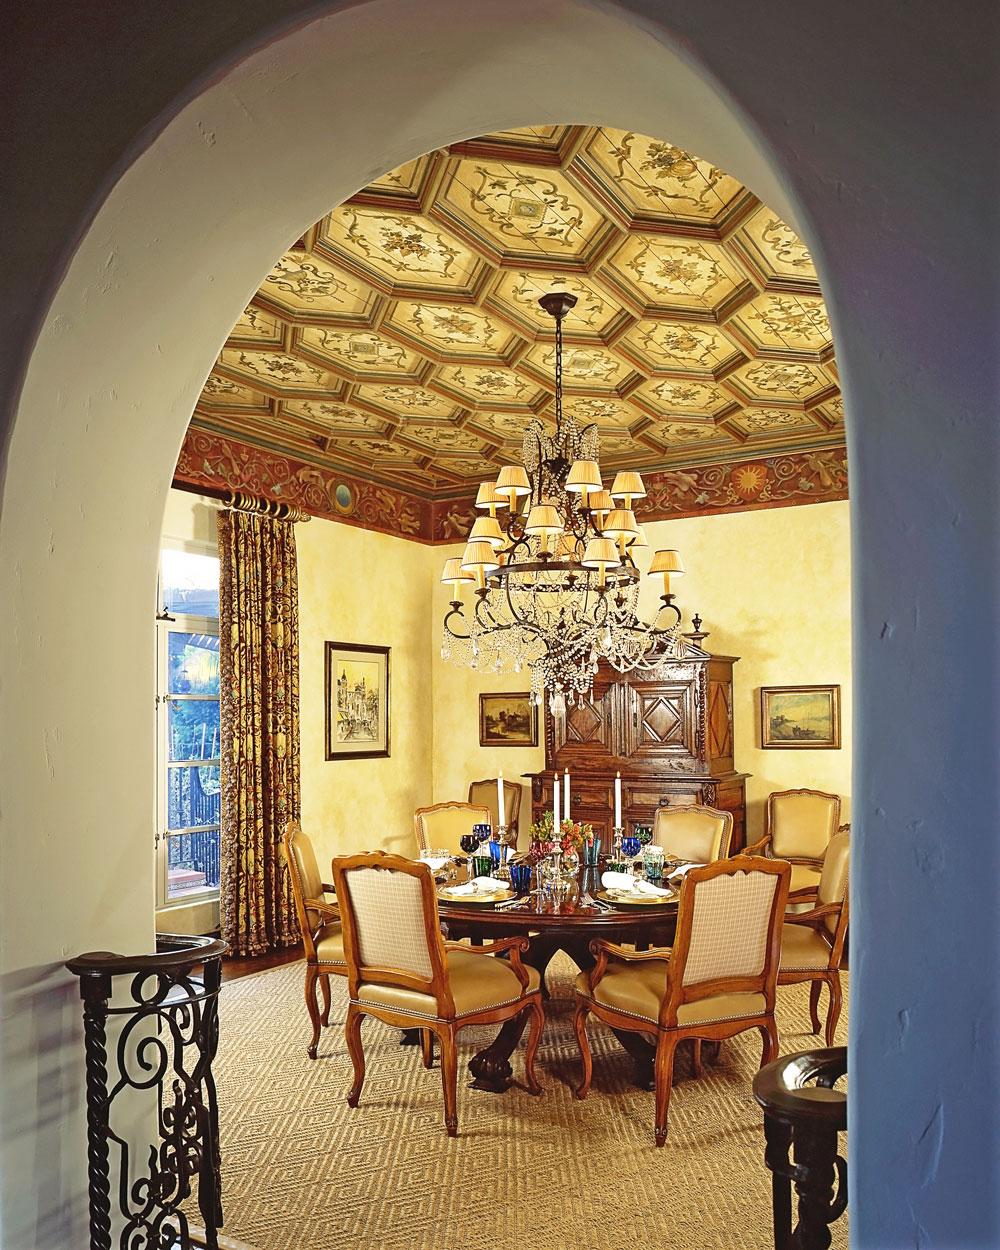 6-dining-room-chandelier-dee-carawan.jpg